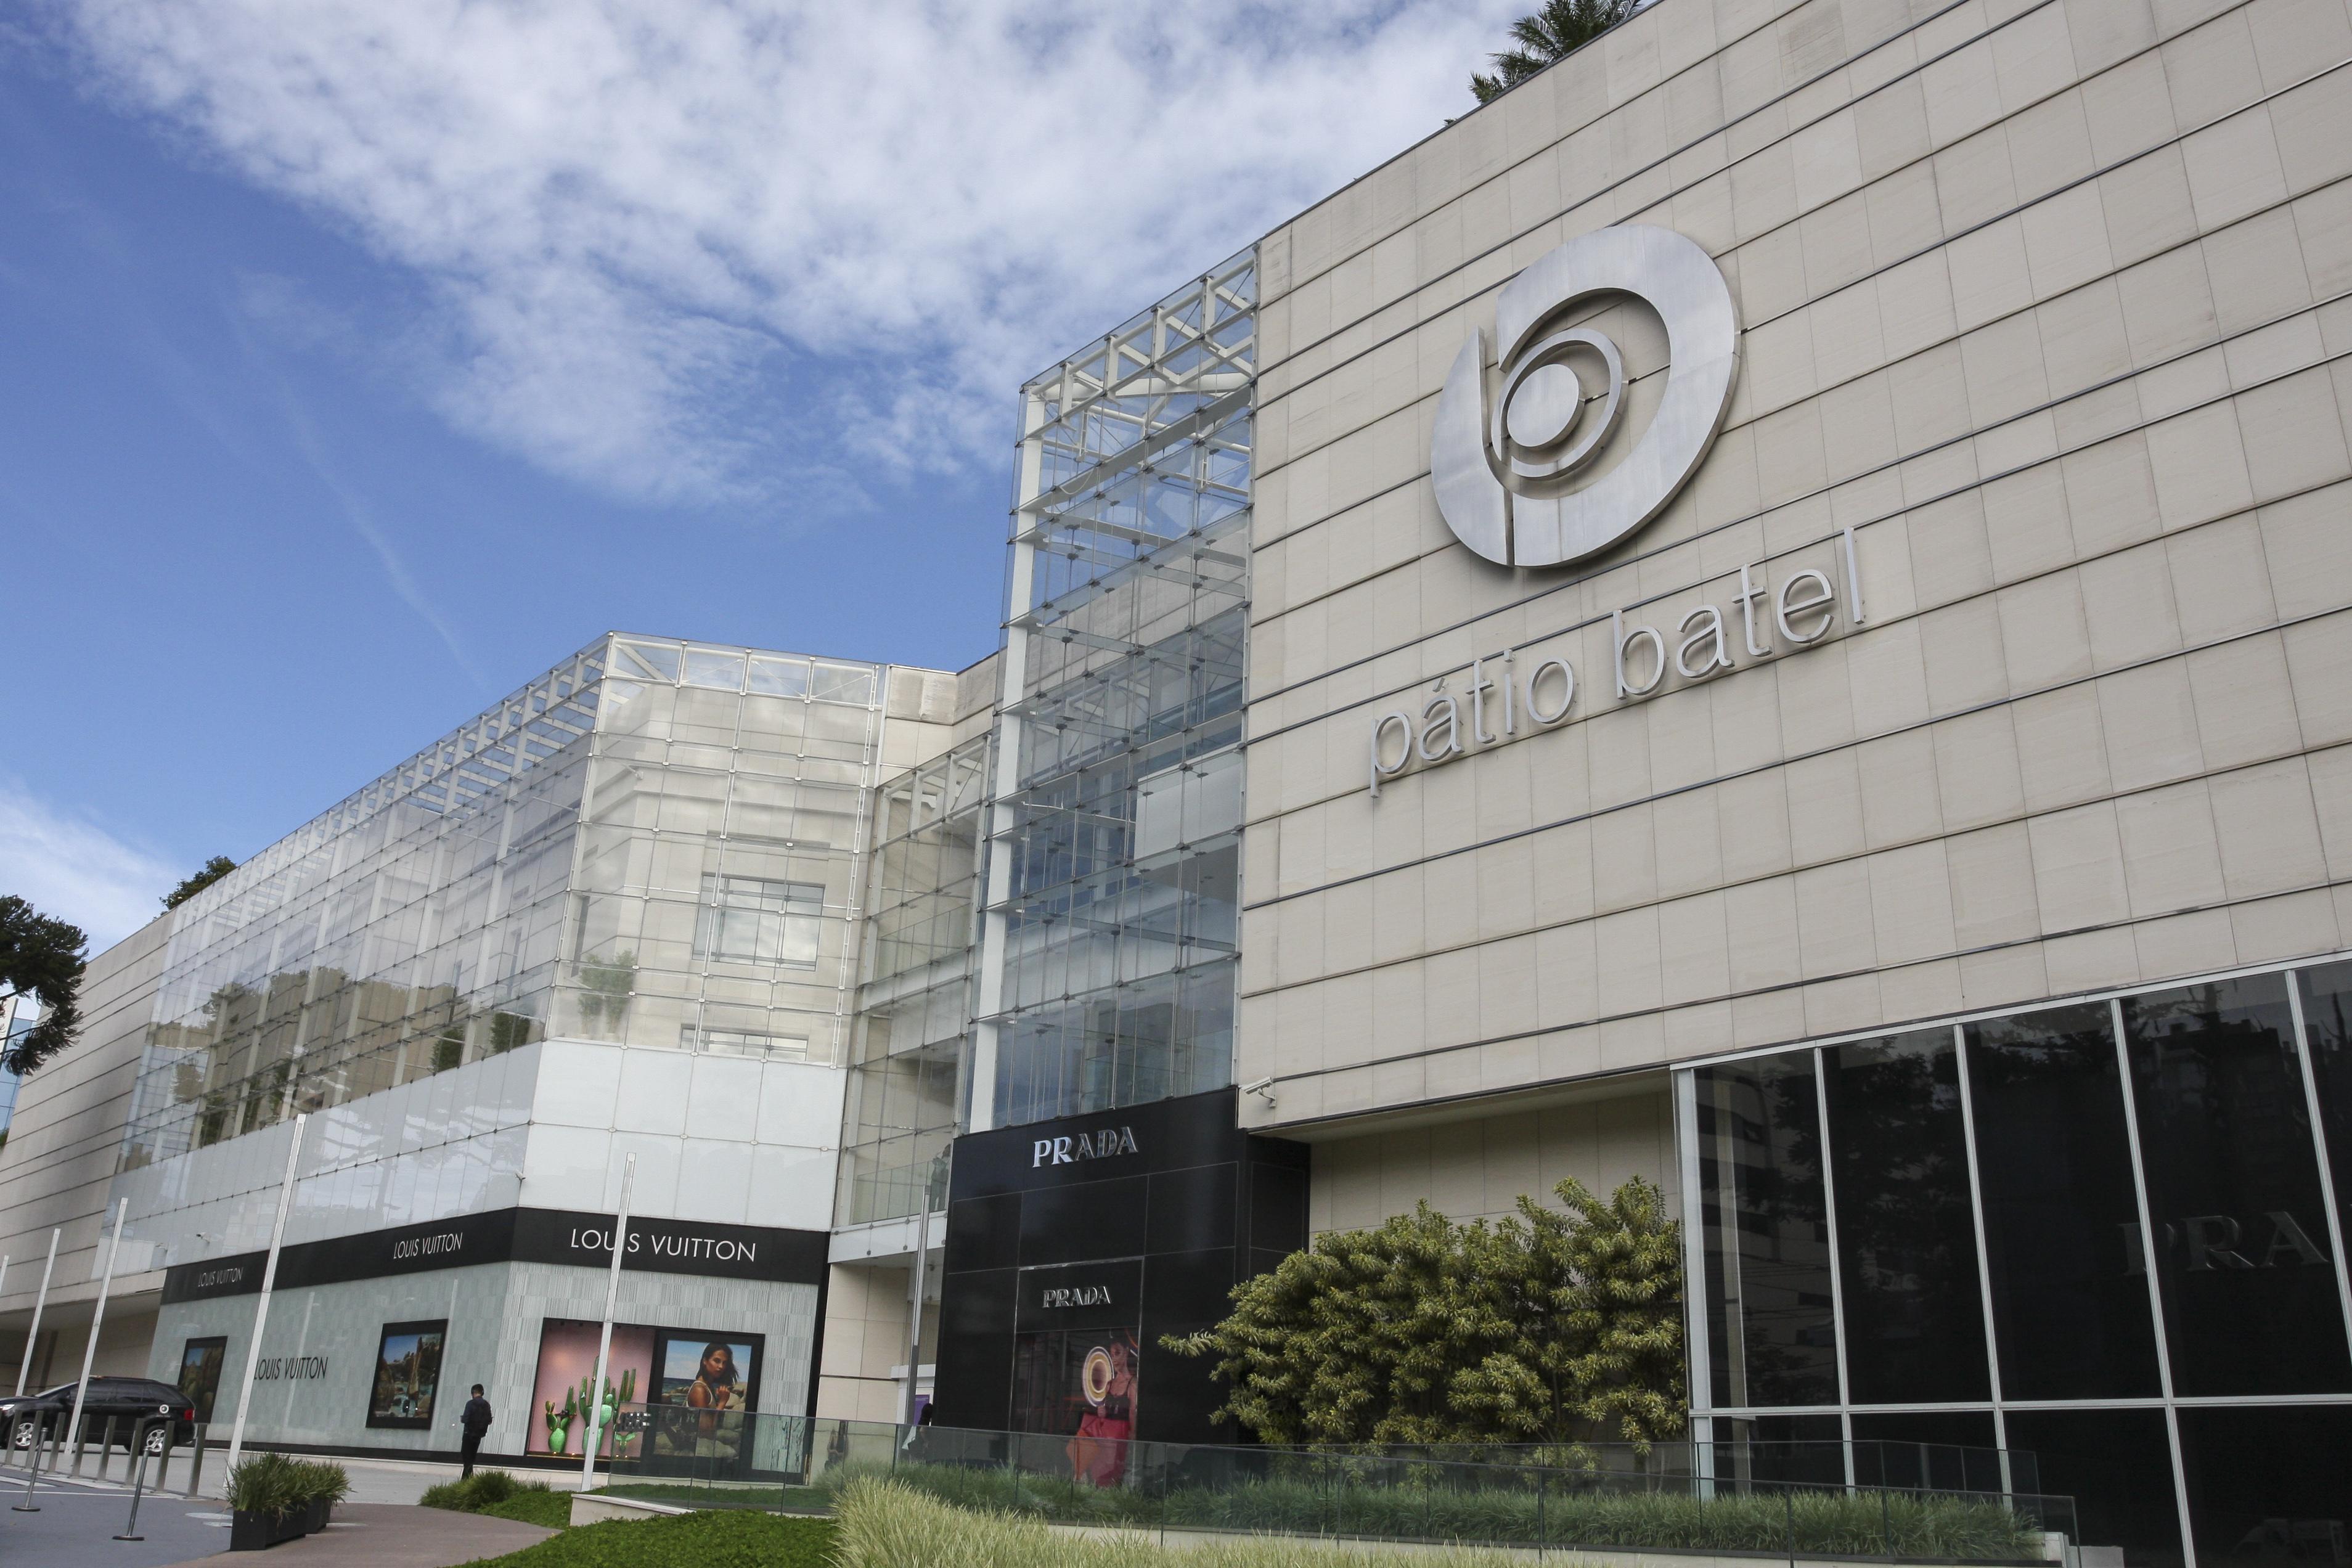 Viajar em Curitiba: Shopping Pátio Batel